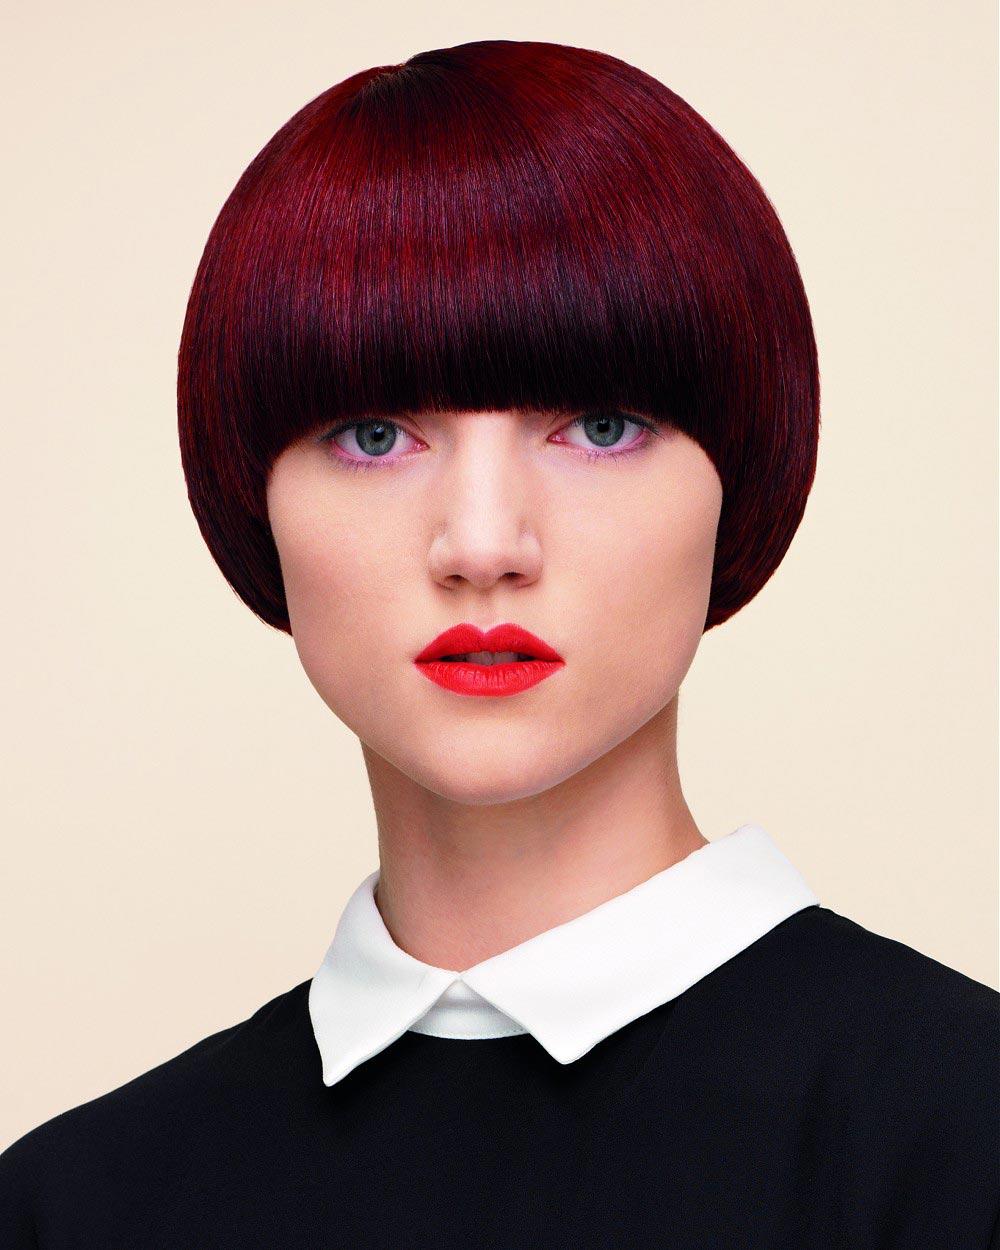 Marsala bob v hnědočerveném odstínu dokonale odpovídá letošním barevným módním účesovým trendům. (Andrew Collinge, Metropolis Collection, 2015).